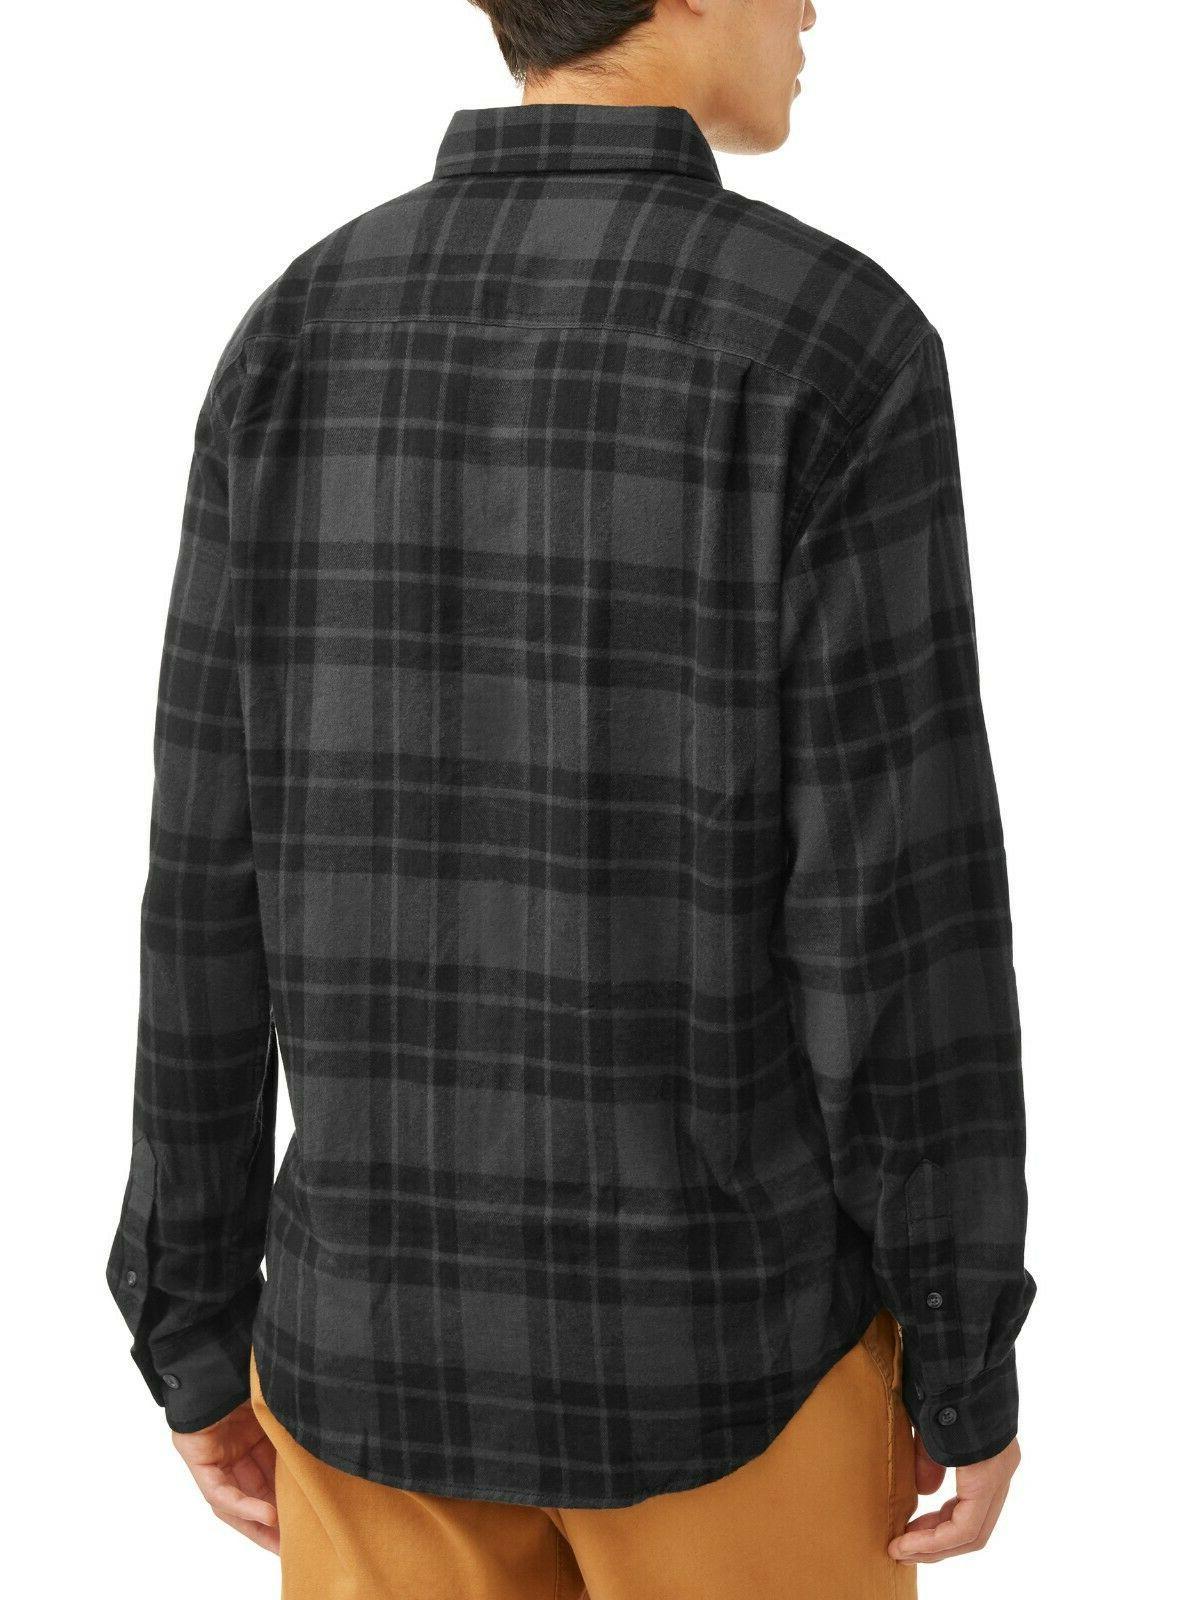 Flannel Medium Black Plaid